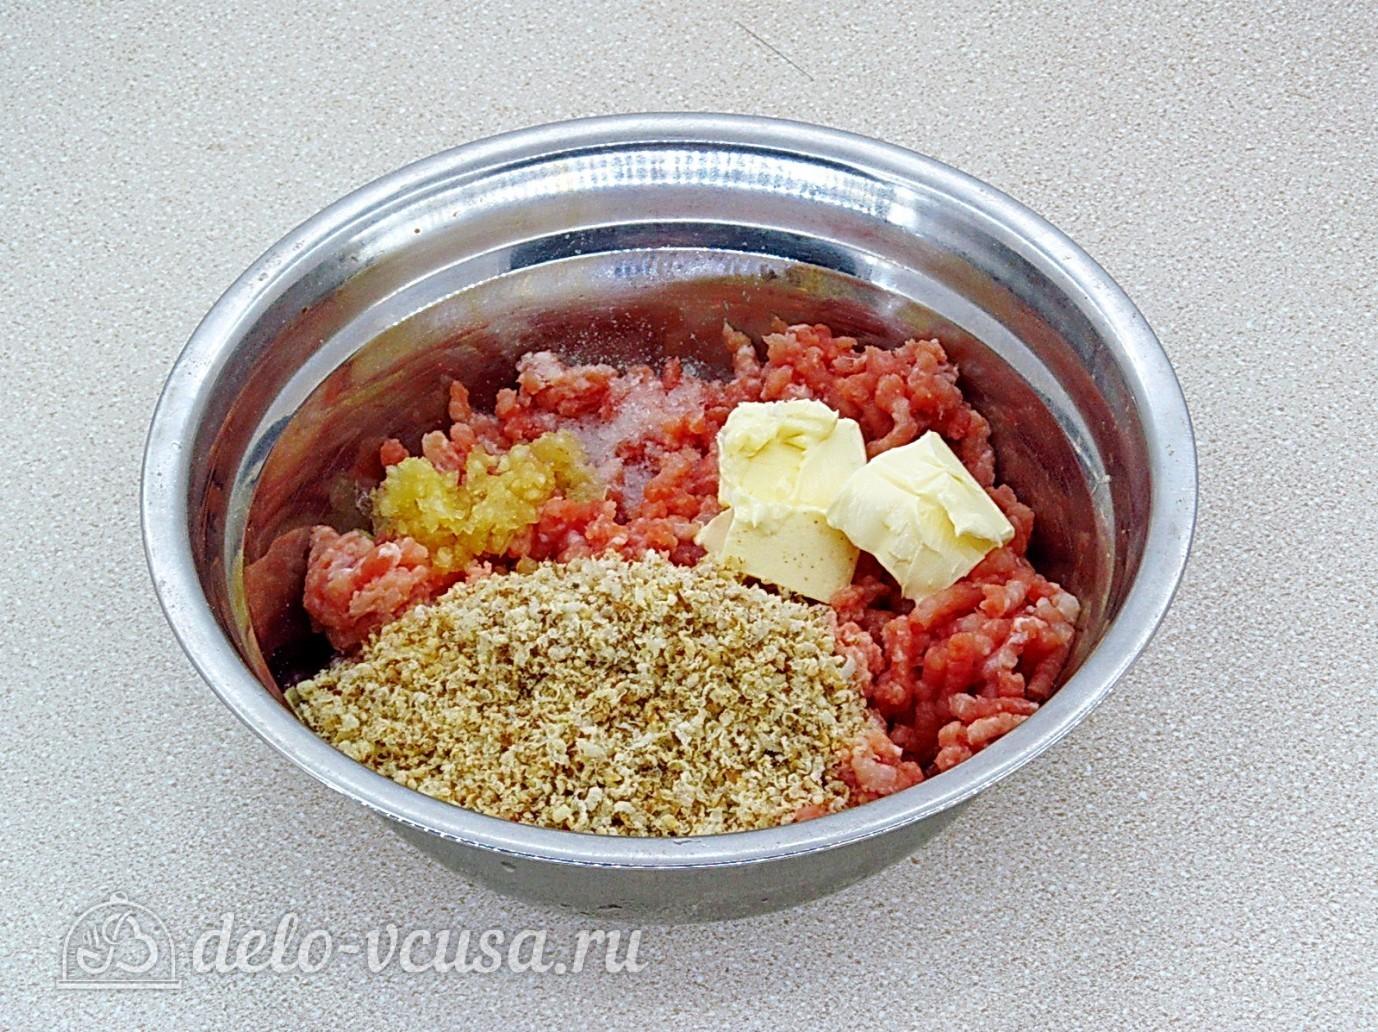 Котлеты из свинины с орехами: Соединить мясо, чеснок, сливочное масло